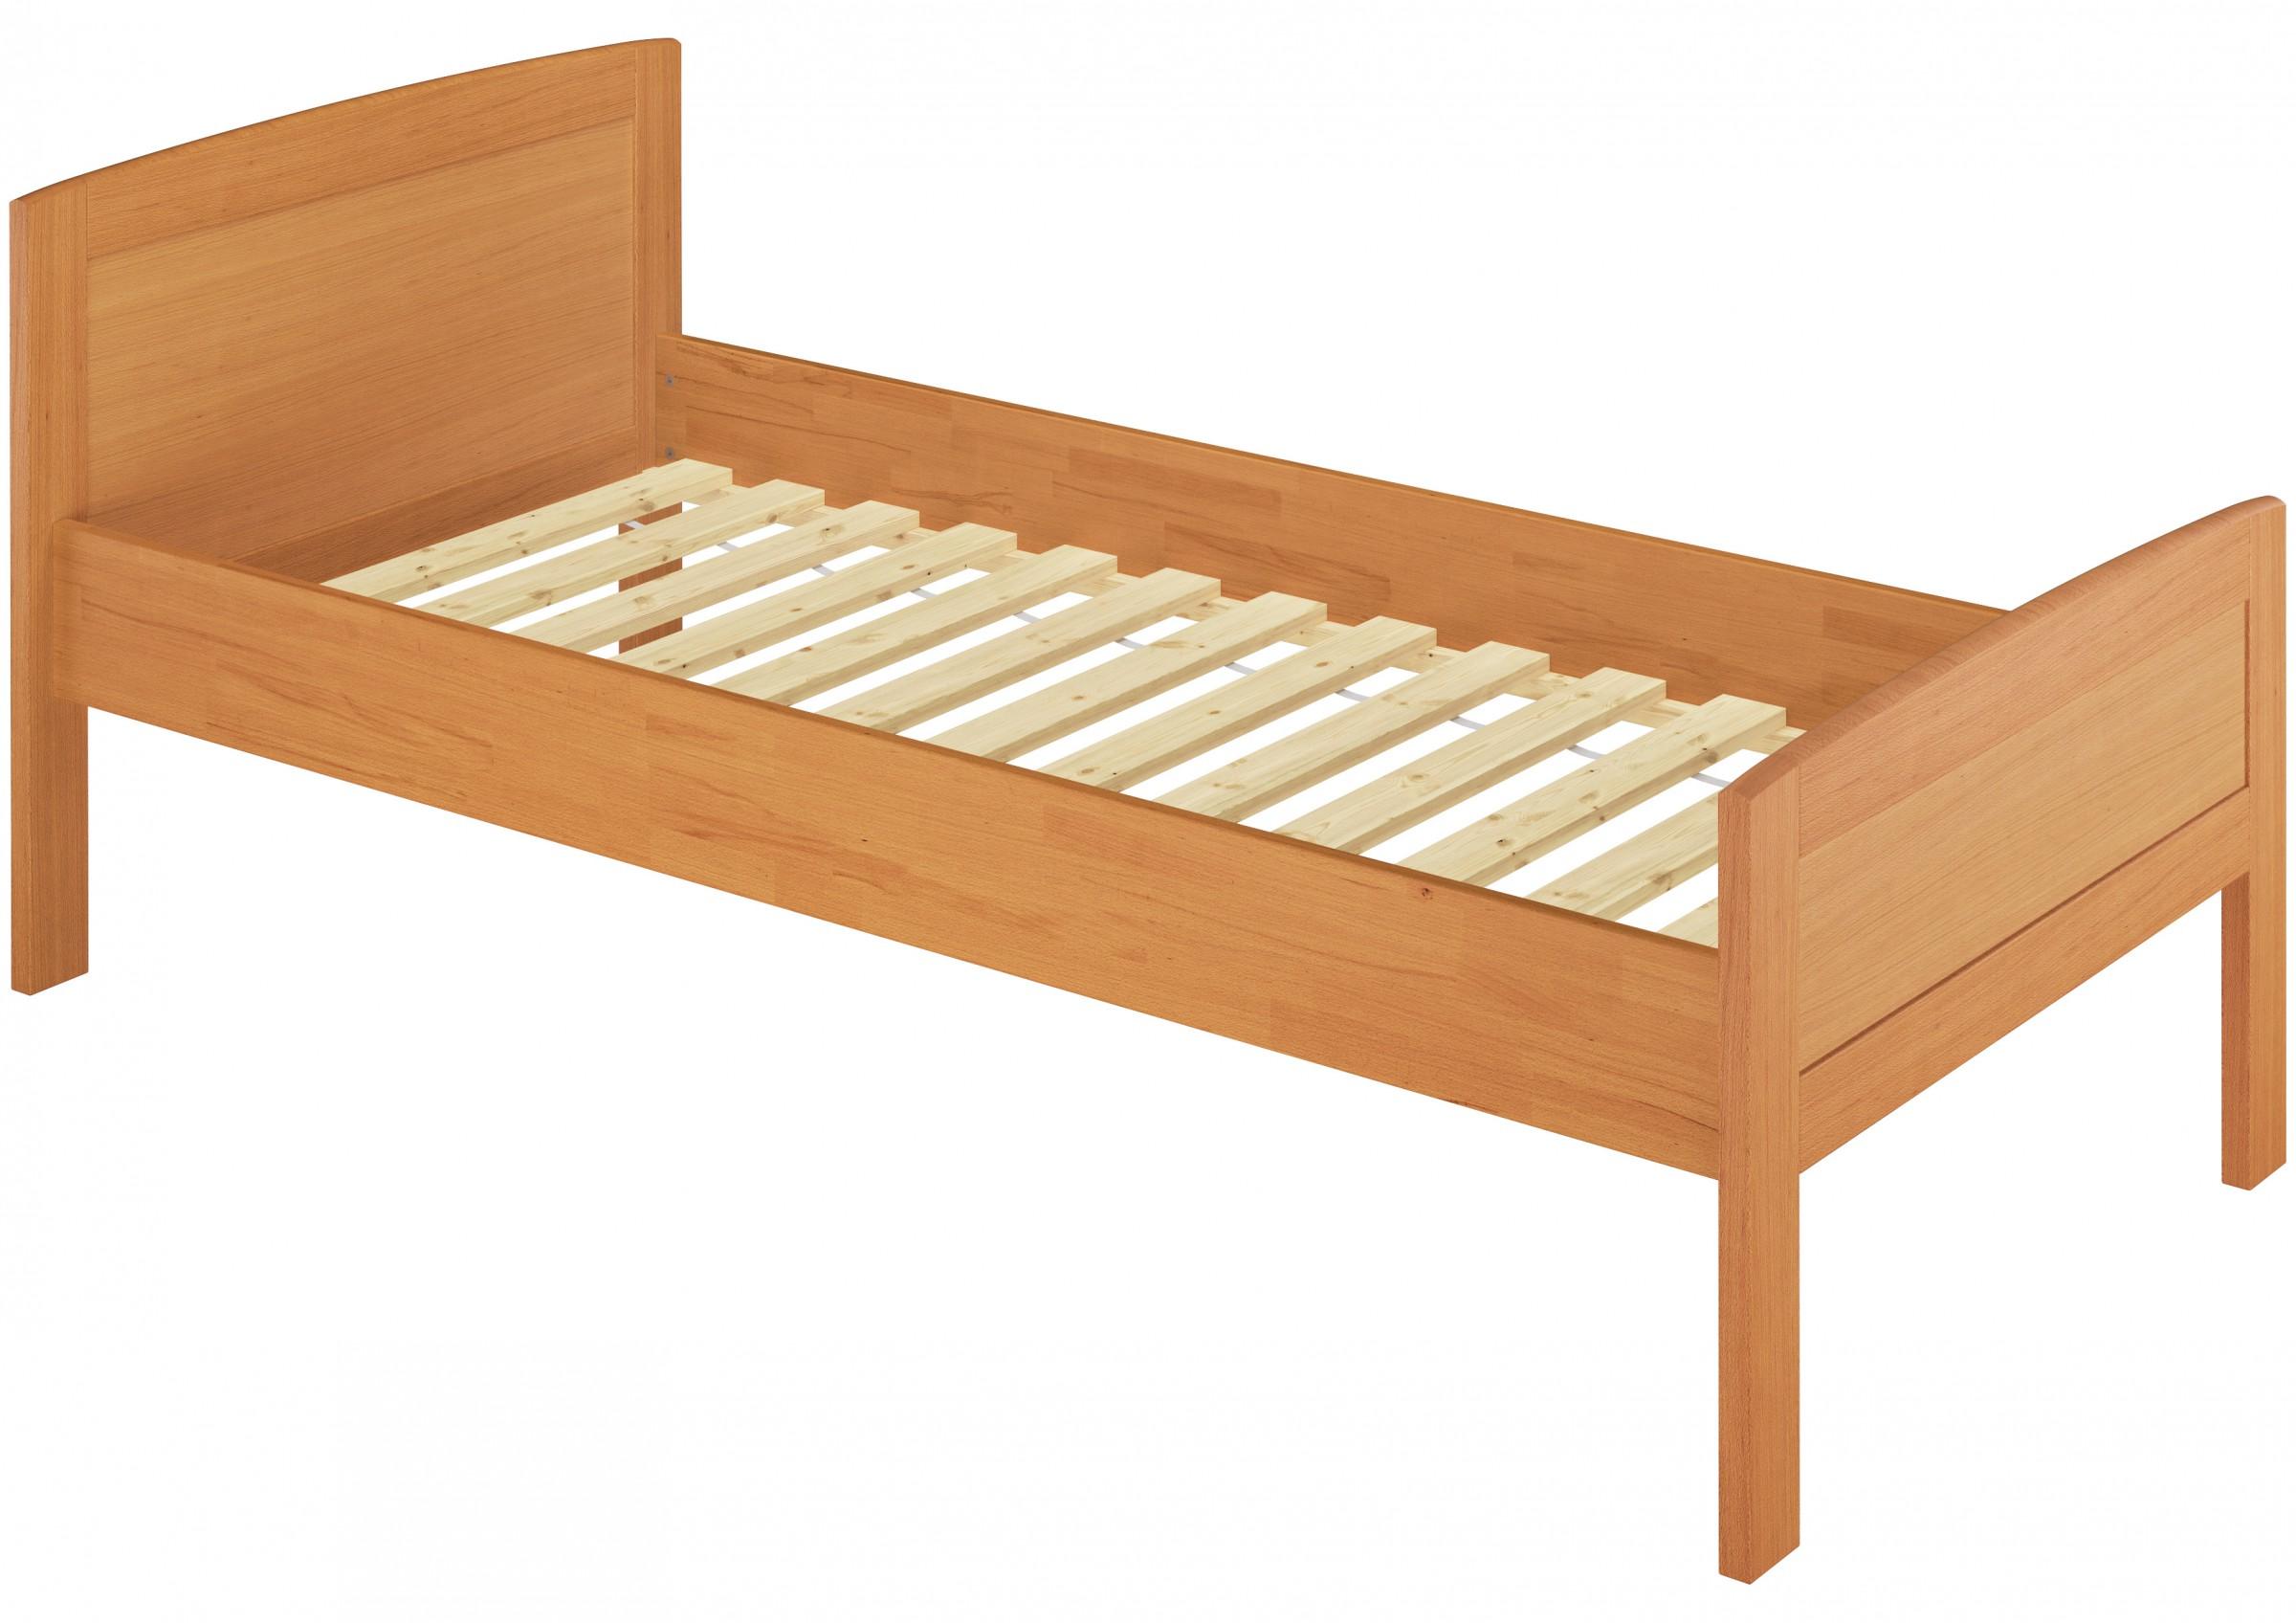 seniorenbett buche extra hoch 120x200 cm mit. Black Bedroom Furniture Sets. Home Design Ideas